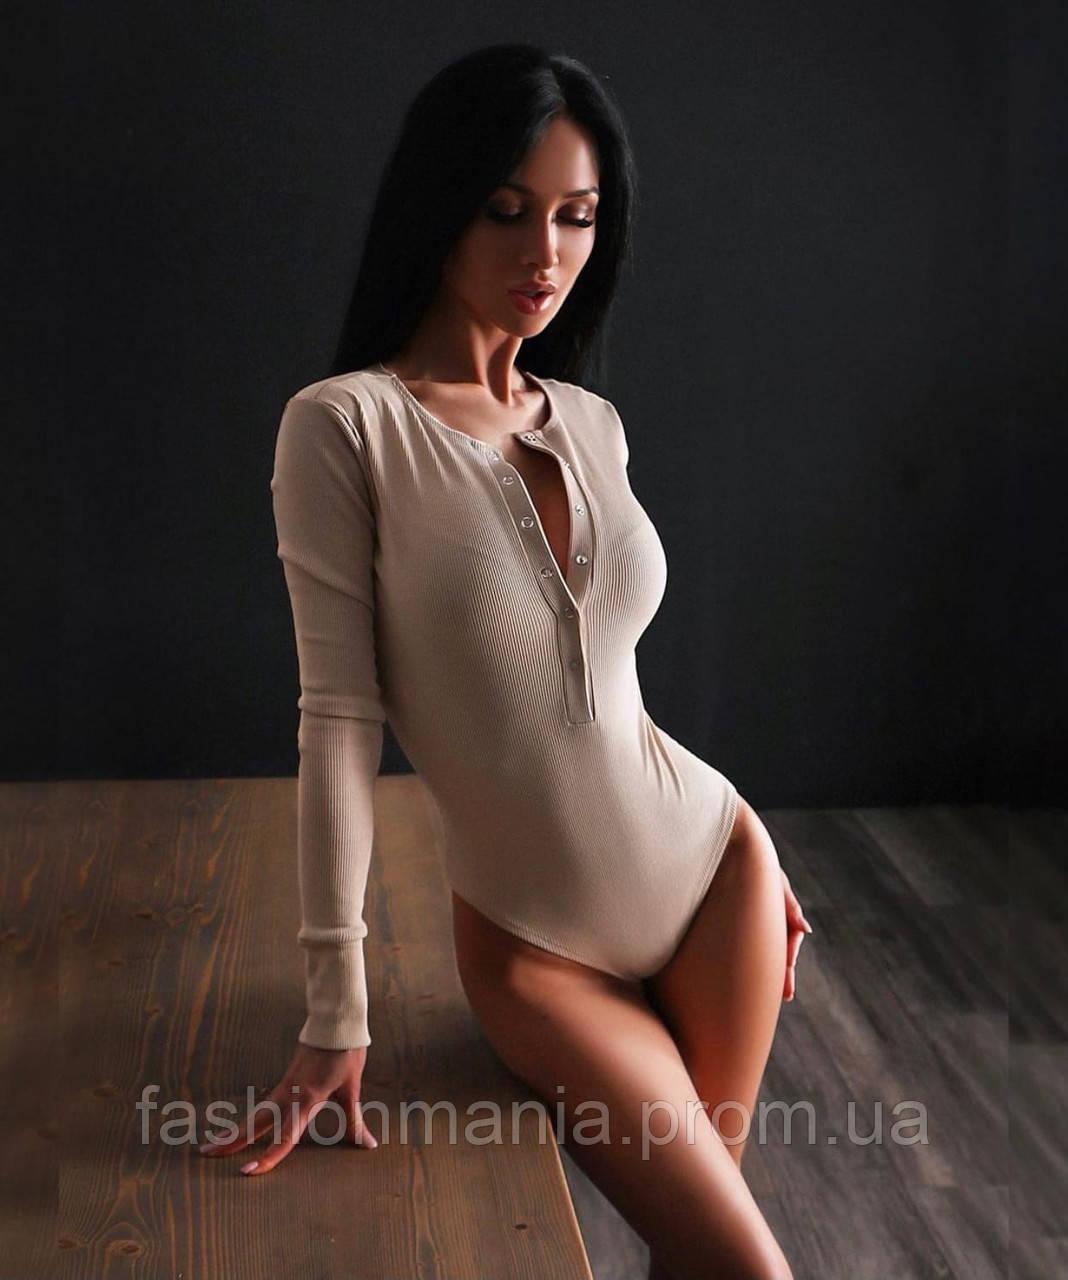 Боди женский стильный чёрный, бежевый, серый 42-44,46-48